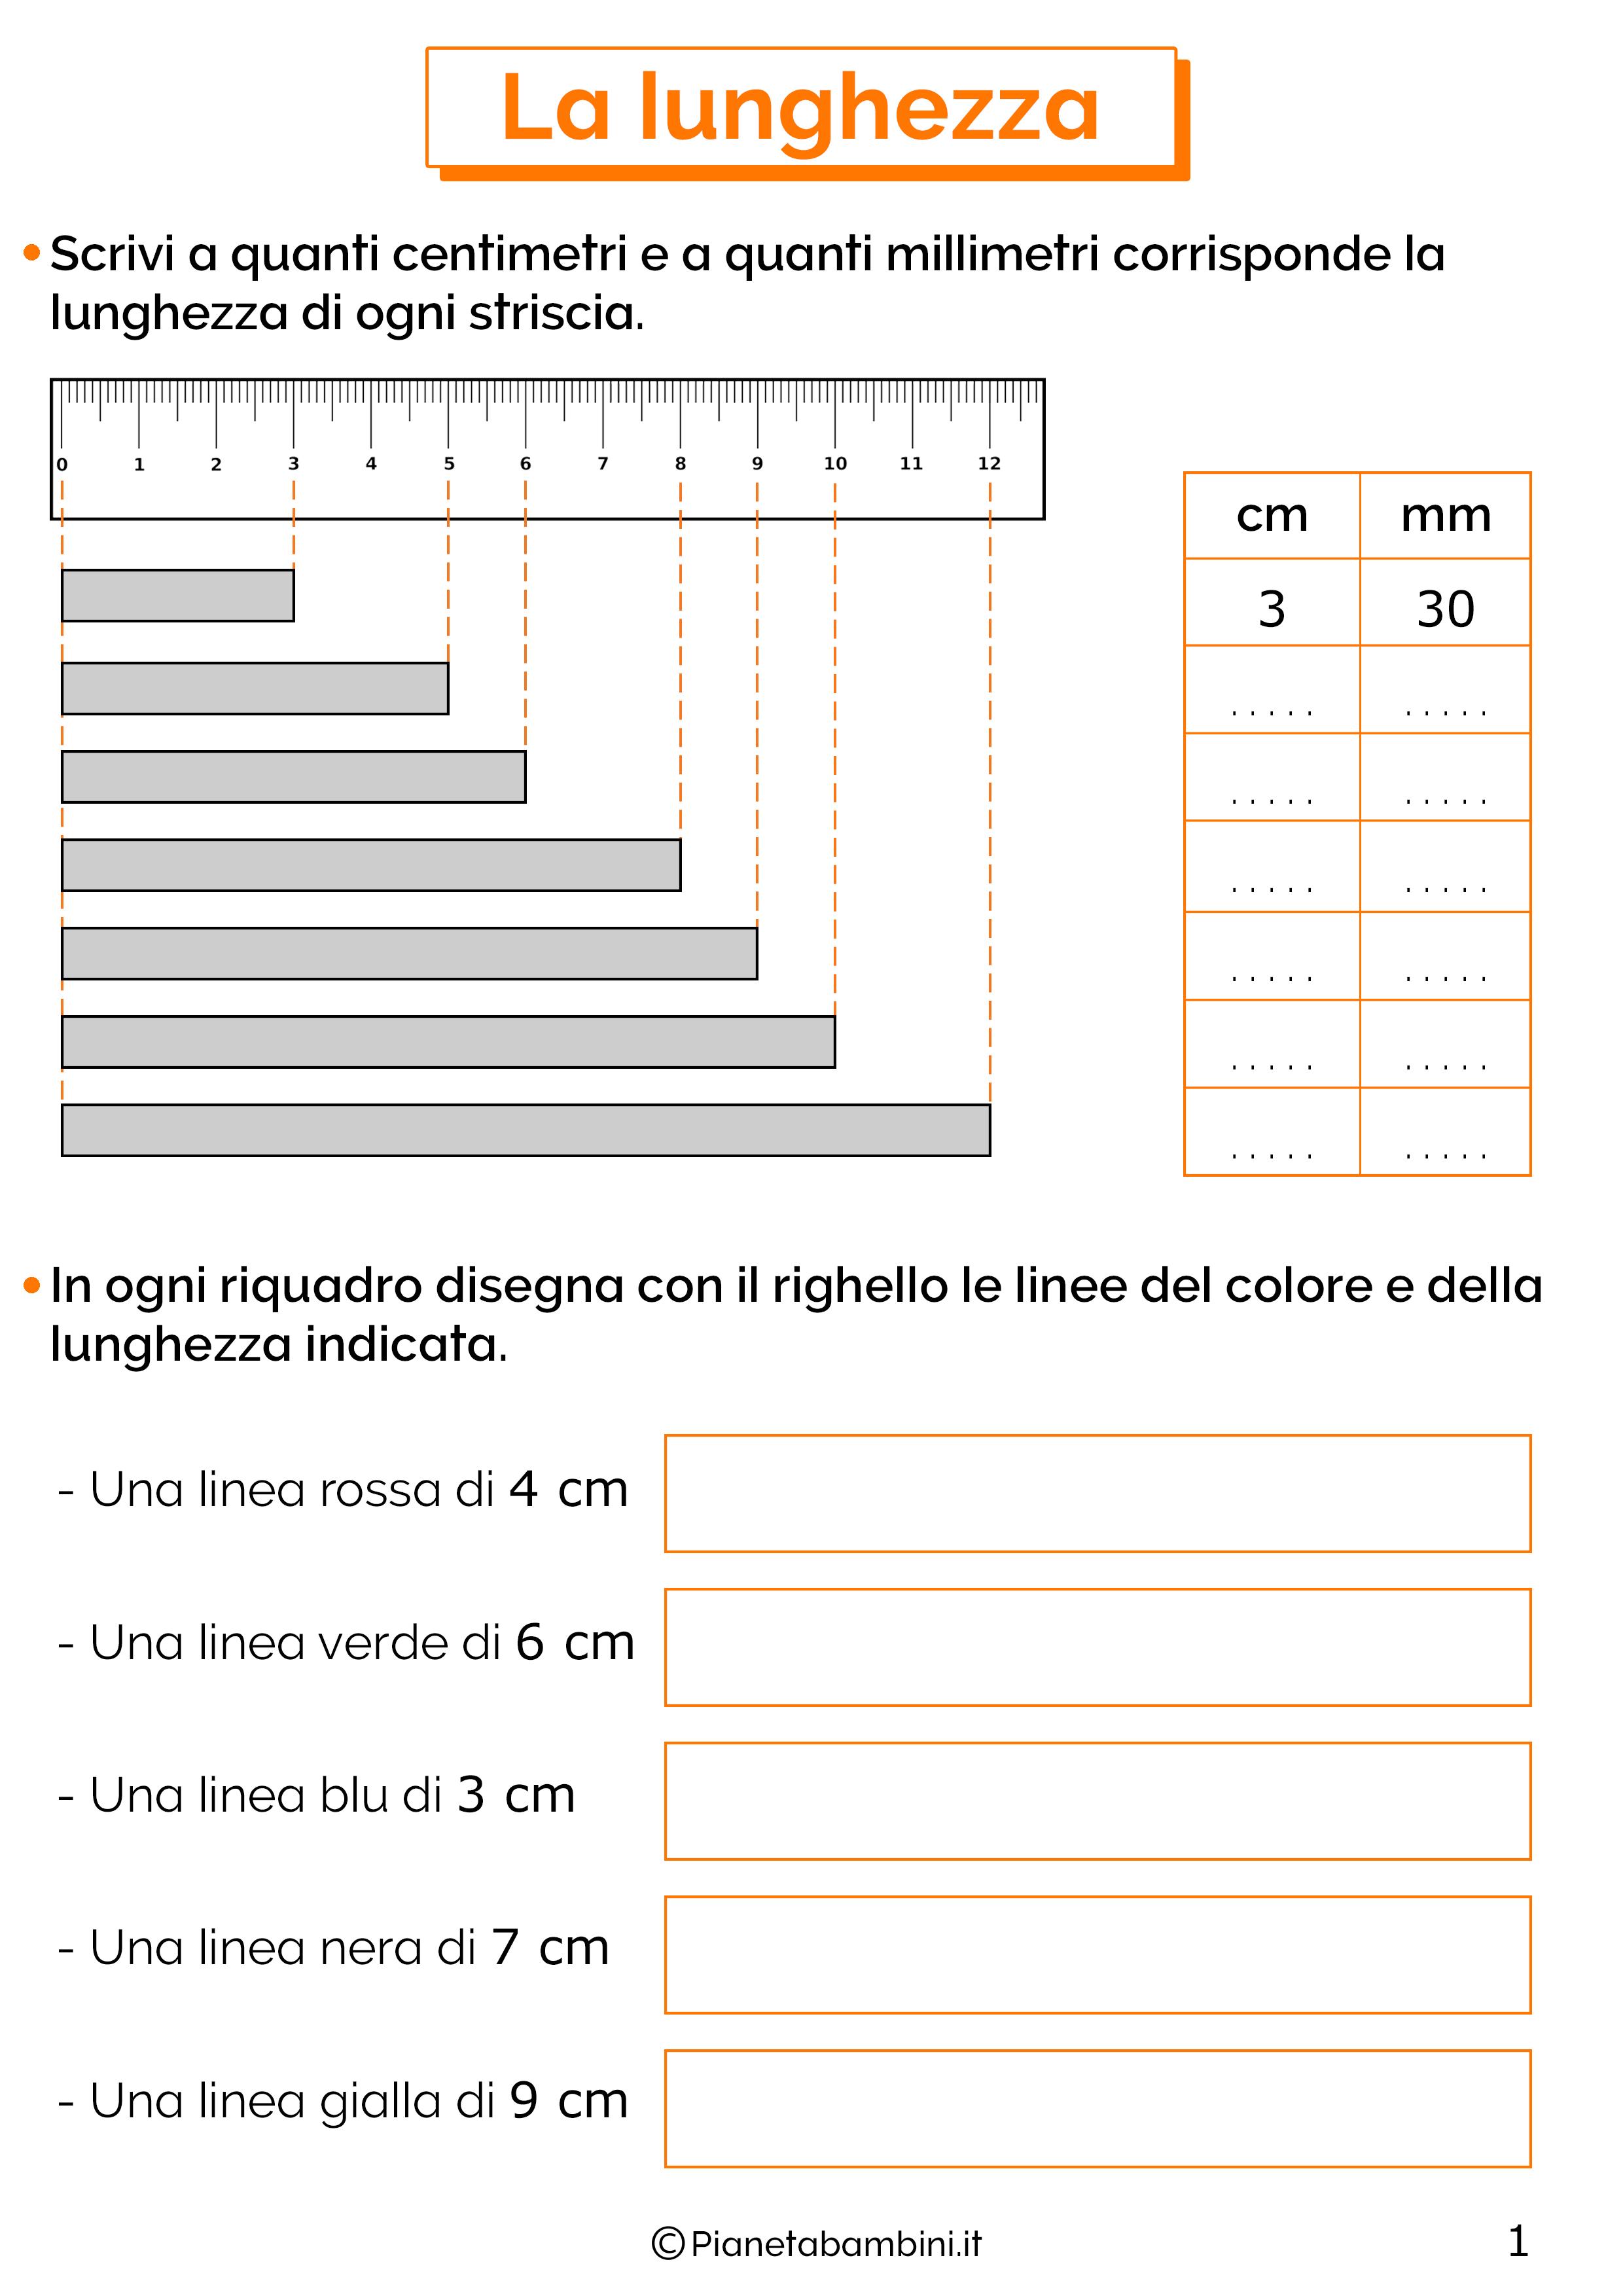 Scheda didattica sulla lunghezza per la classe seconda